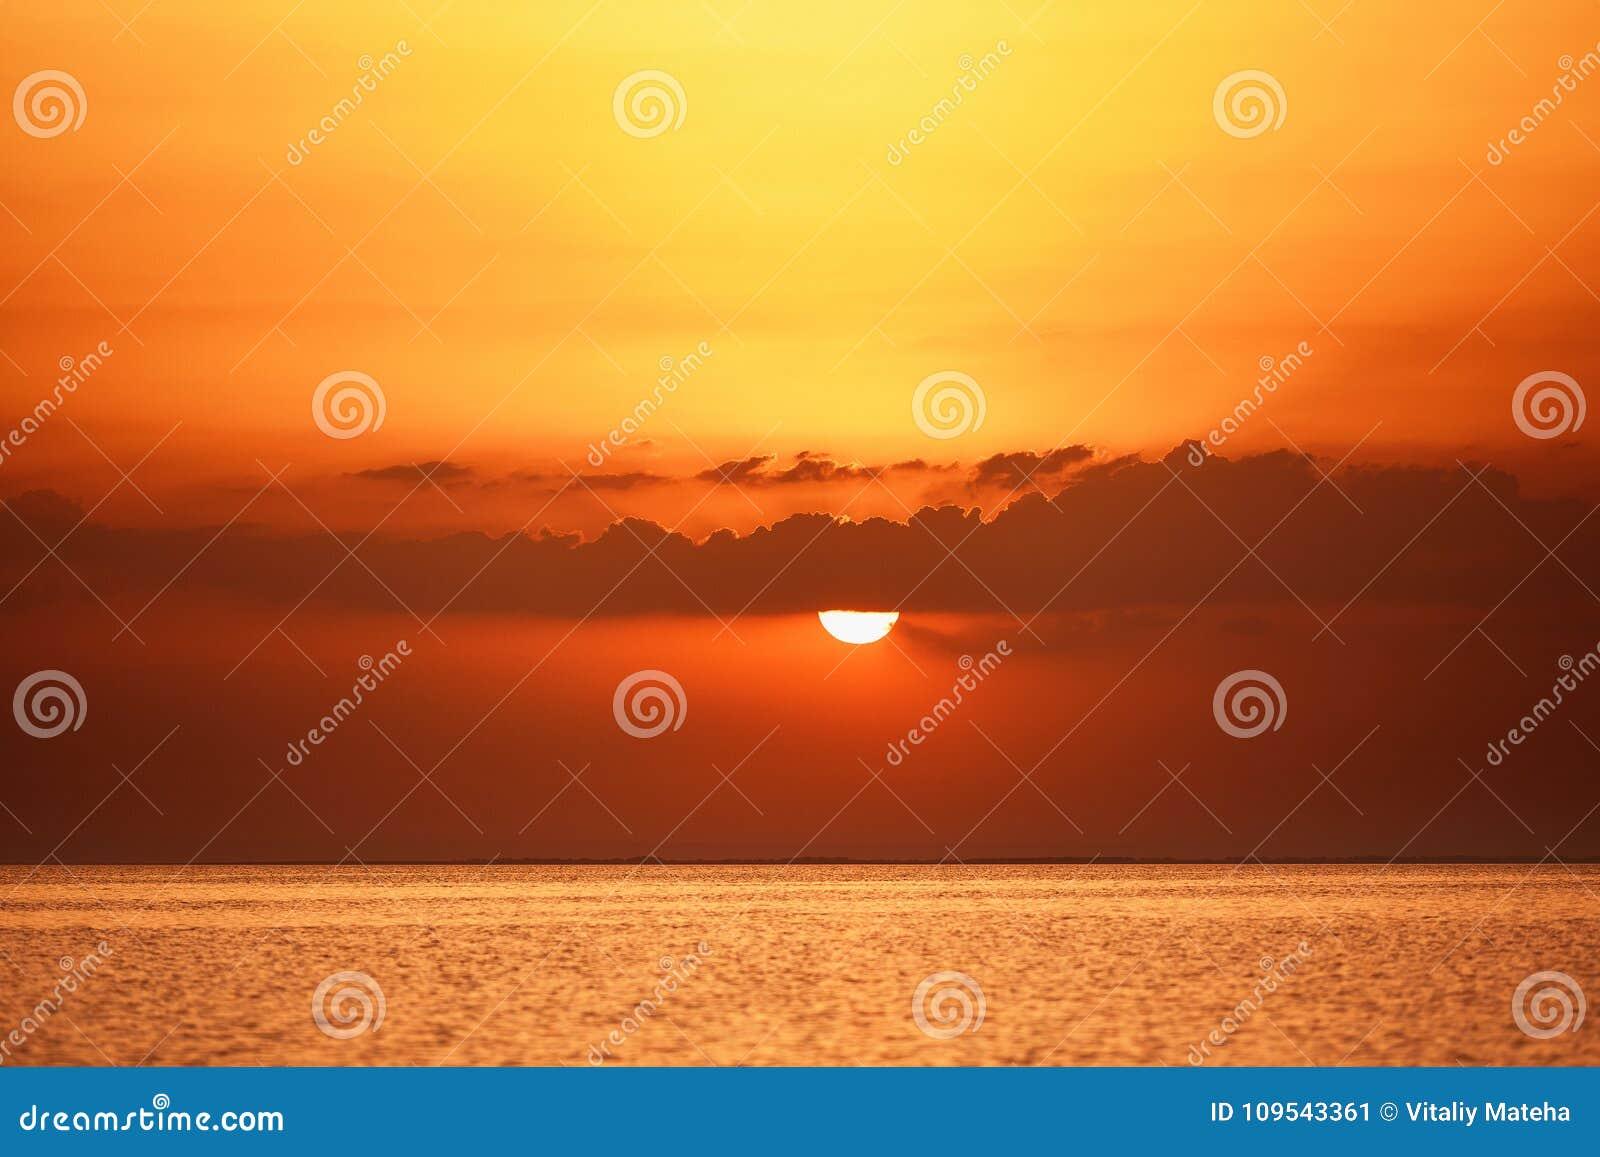 Paisaje maravilloso del mar con puesta del sol sobre el mar